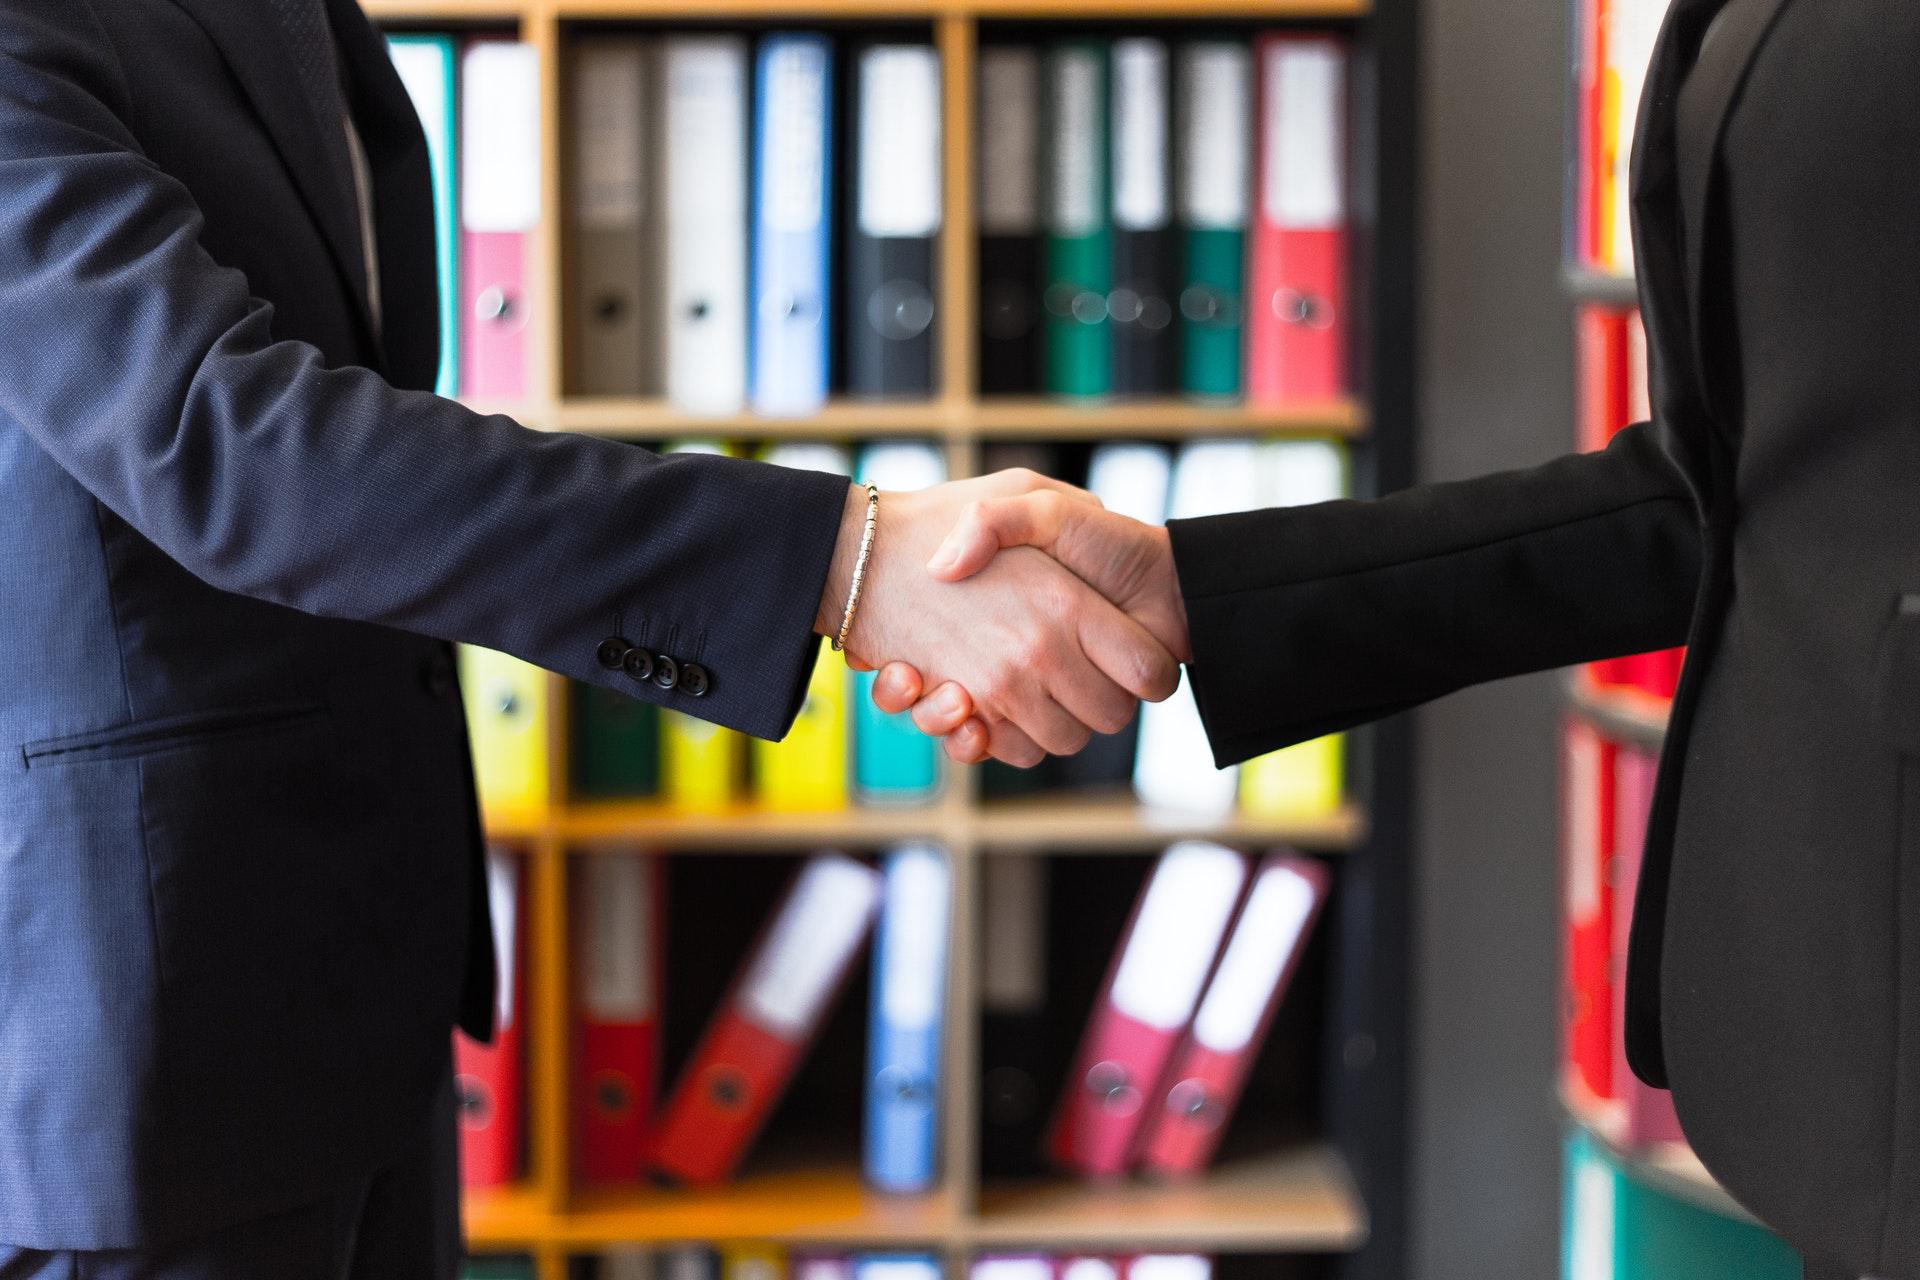 Zwei Mitarbeiter die sich die Hände schütteln nach übernahme